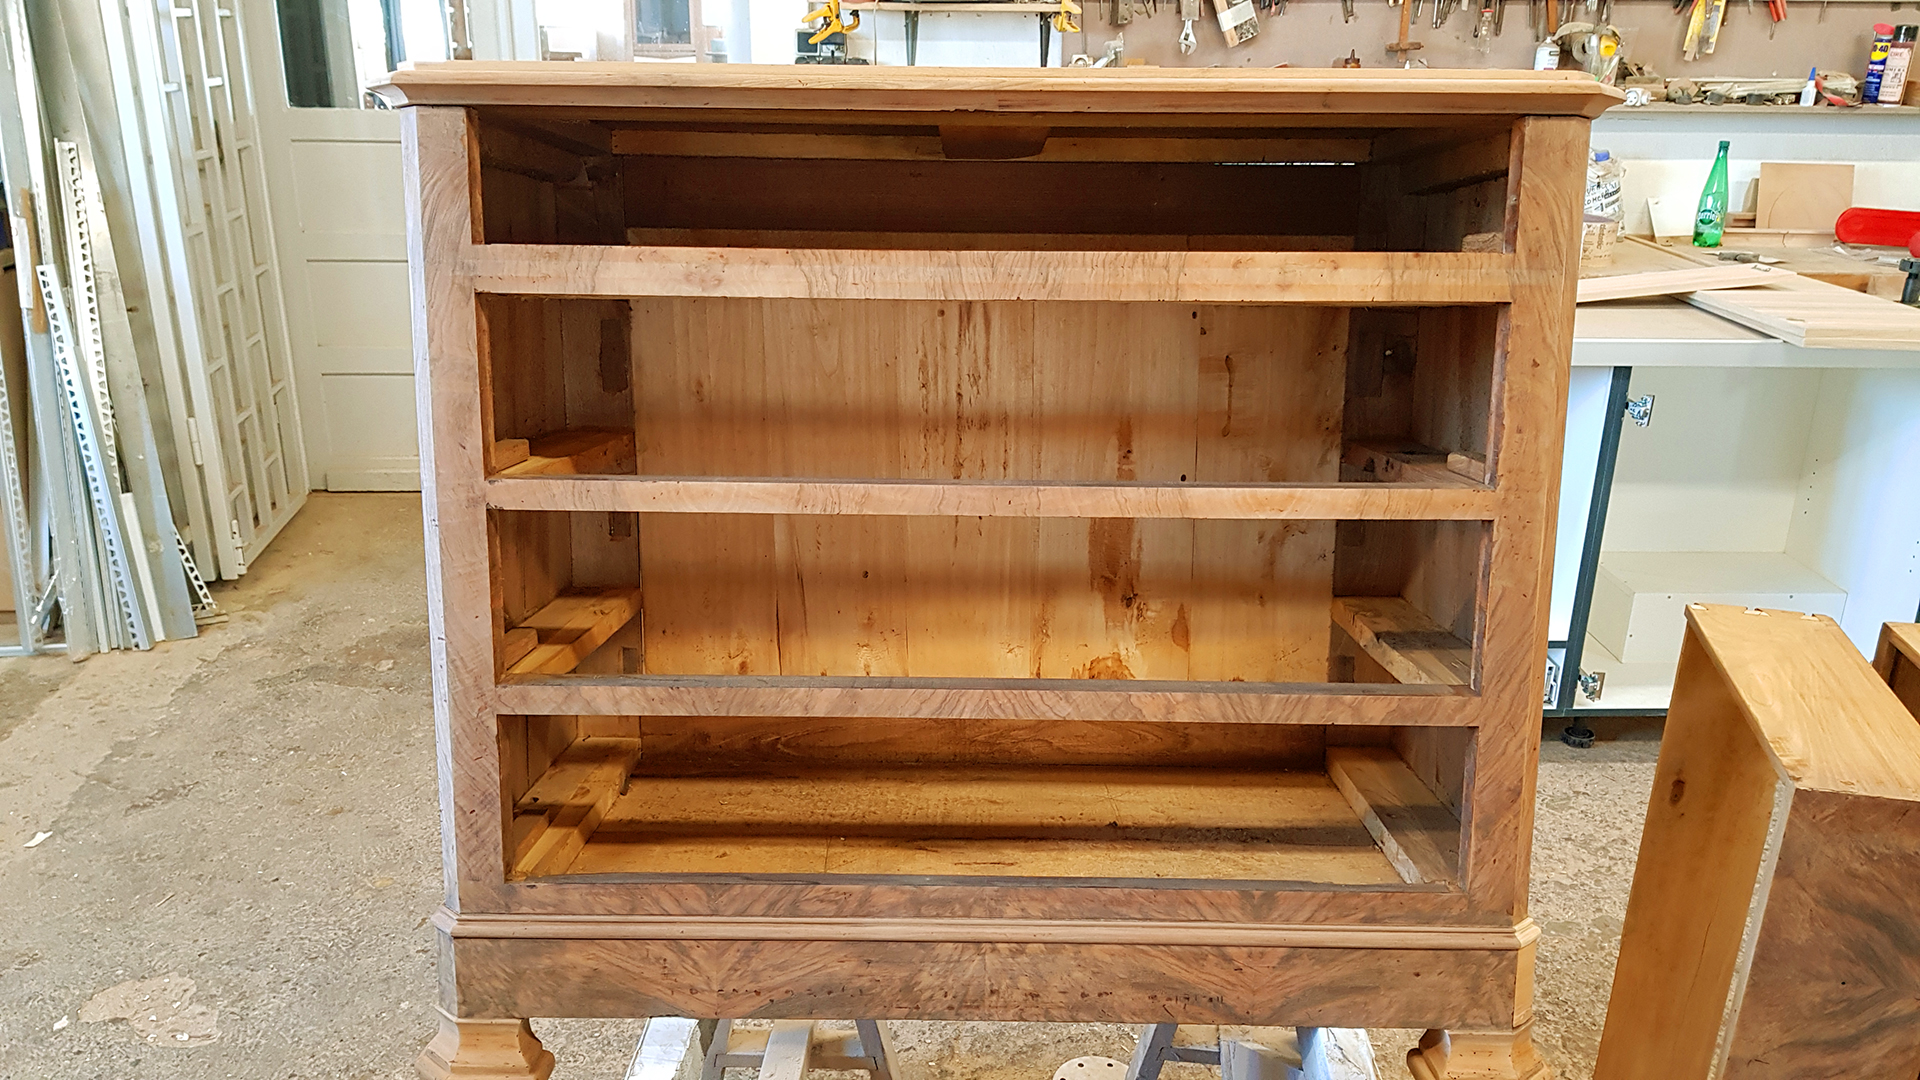 Atelier de fabrication des meubles : réalisation d'une commode sur mesure